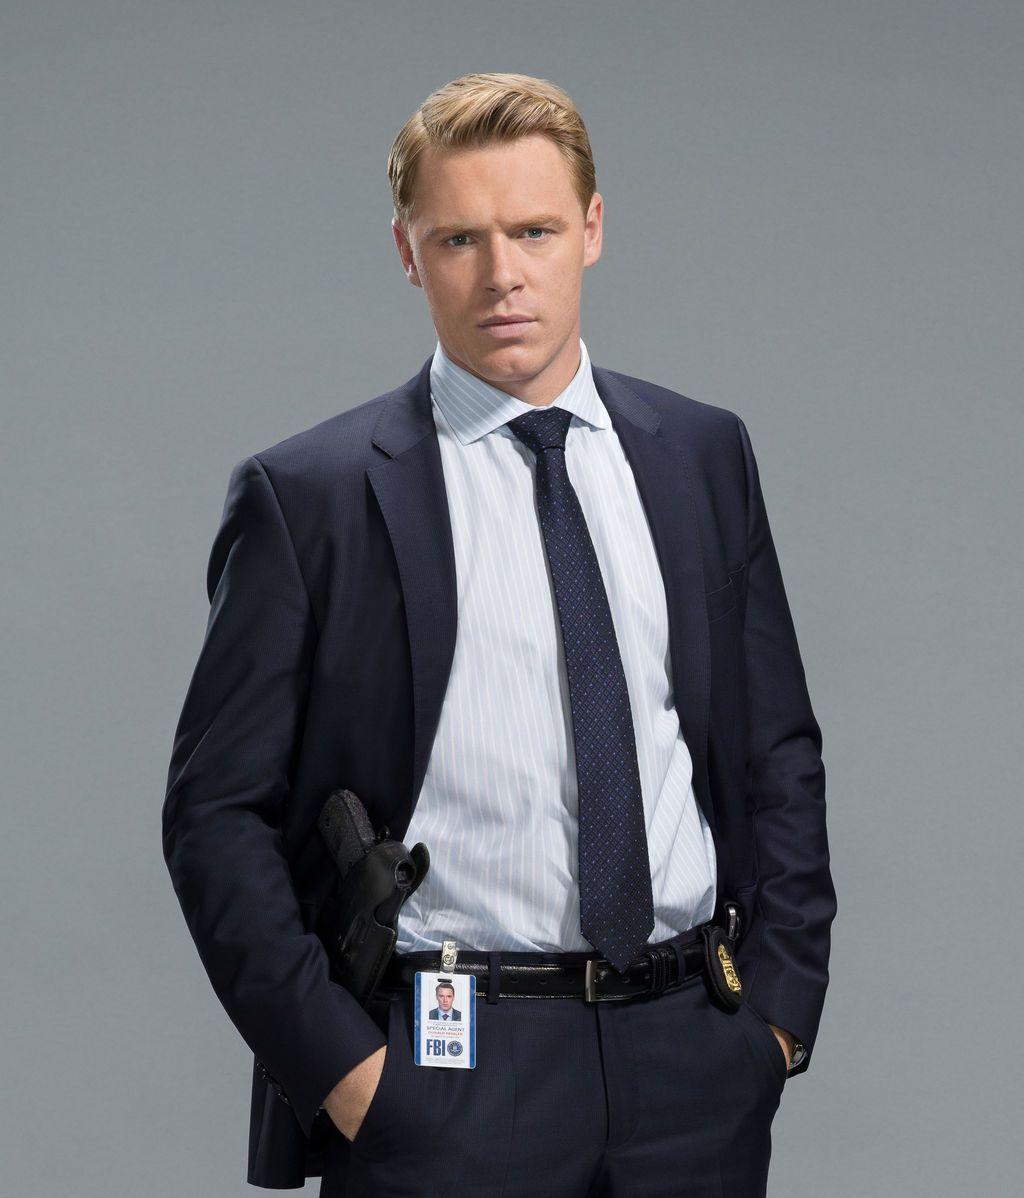 Quién es quién en 'The Blacklist': conoce a los protagonistas de la serie